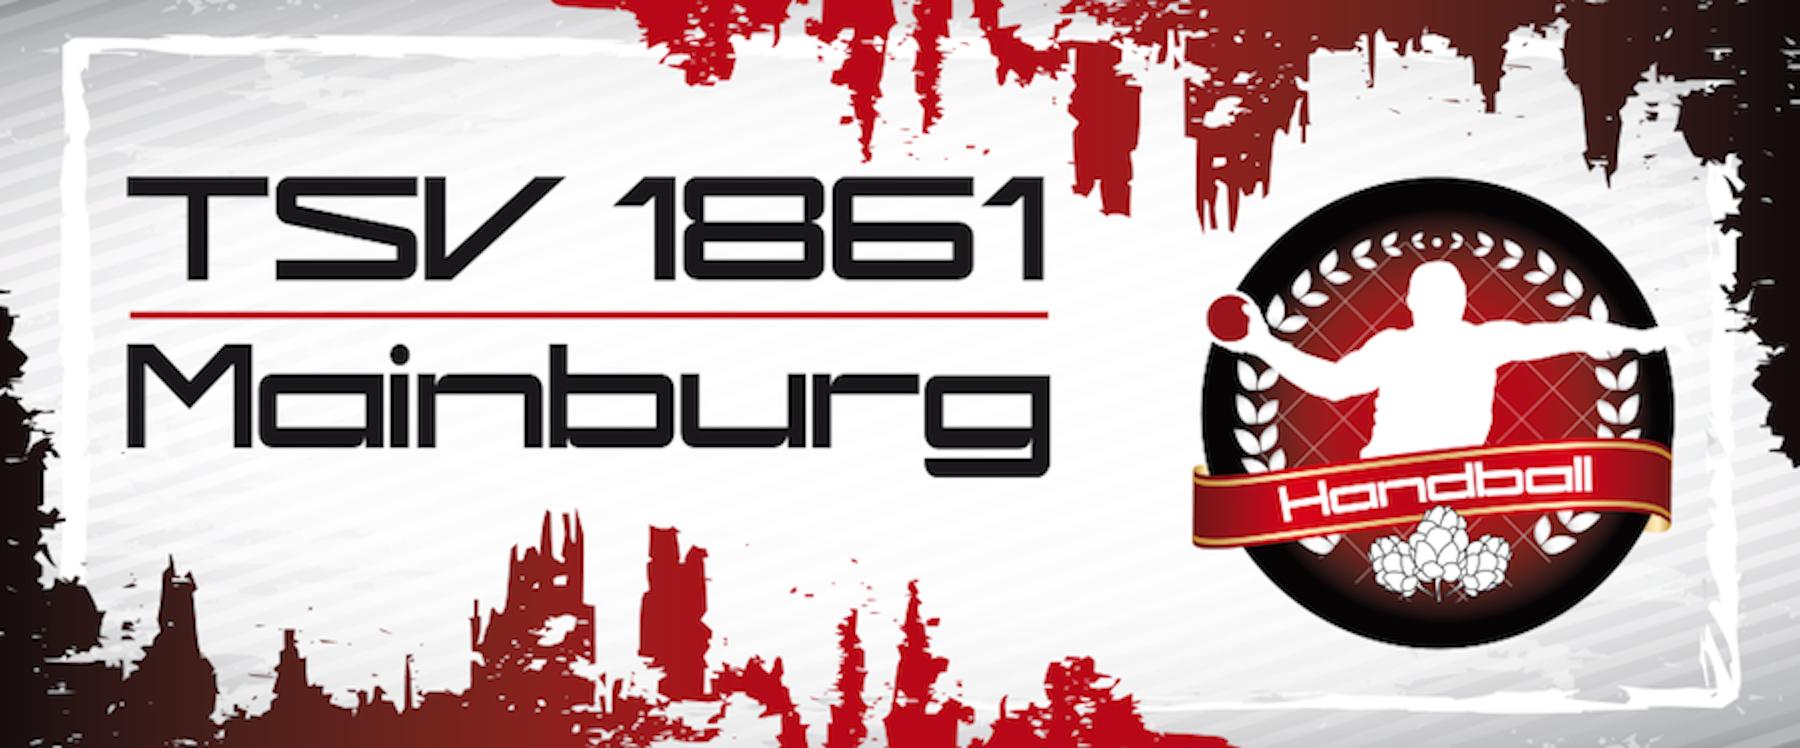 Mainburg_Handball_Header